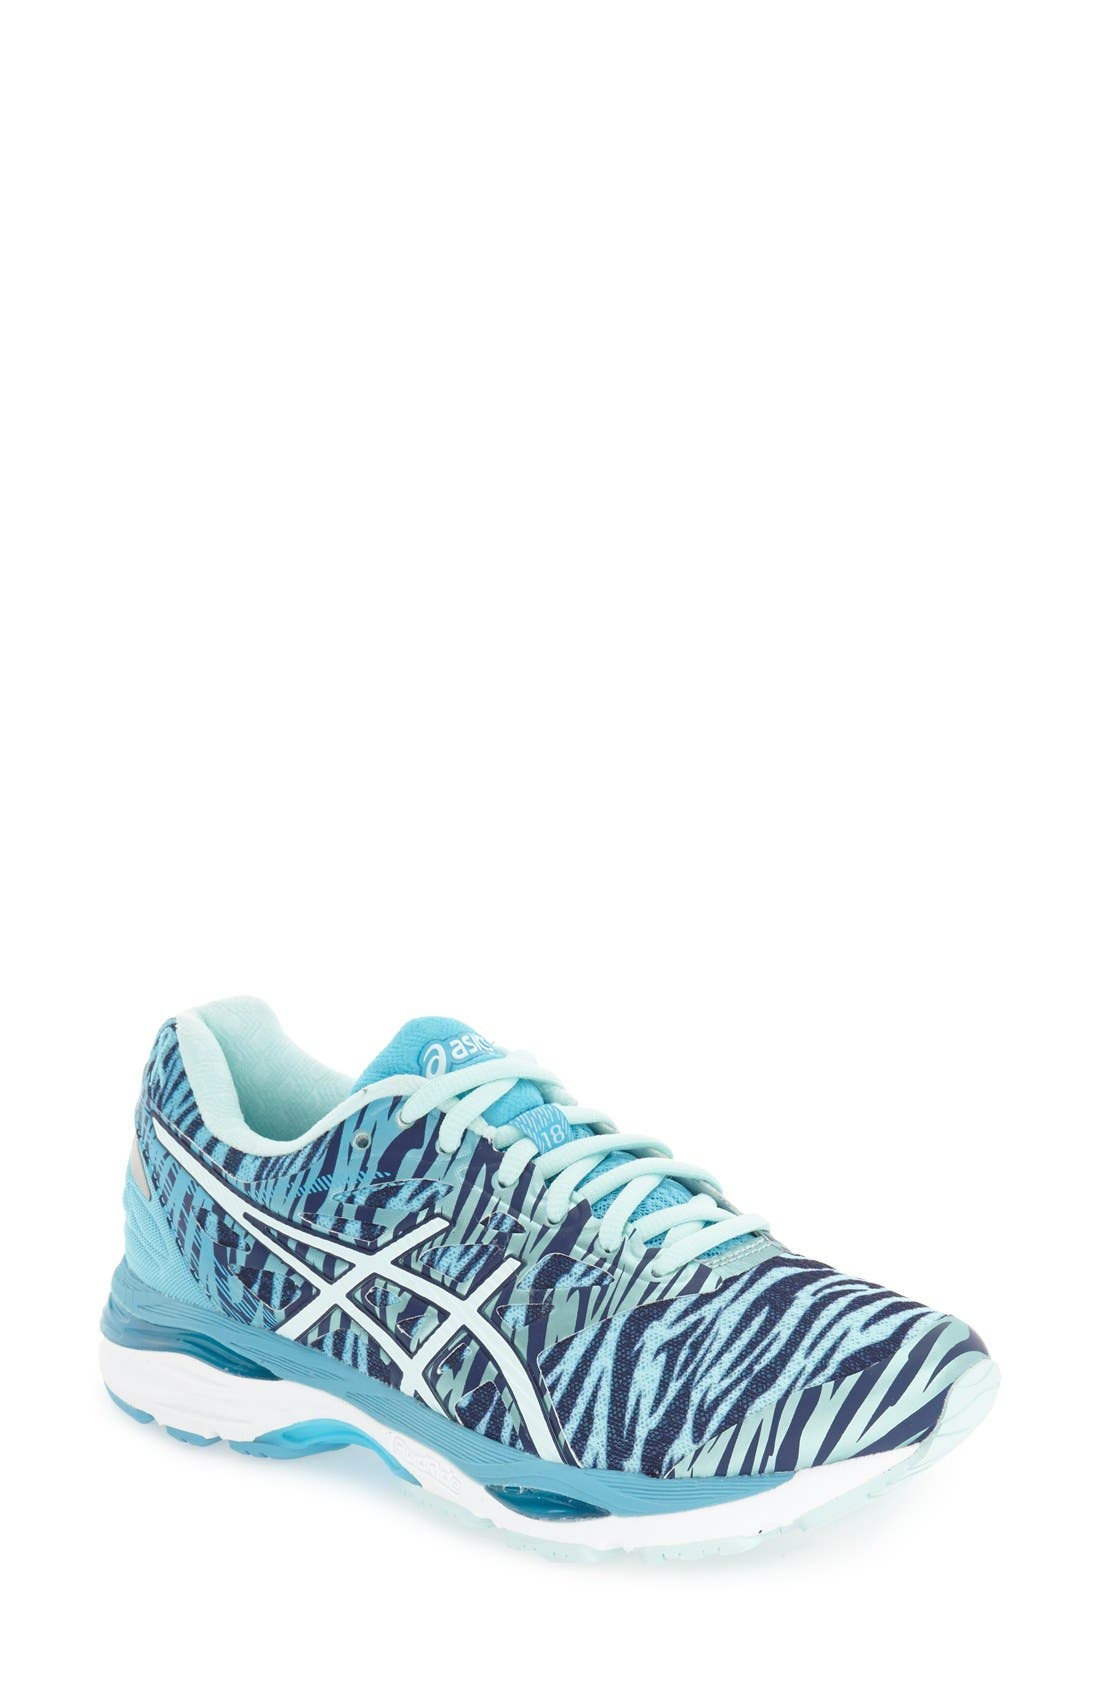 Main Image - ASICS® 'GEL-Cumulus® 18' Running Shoe (Women)